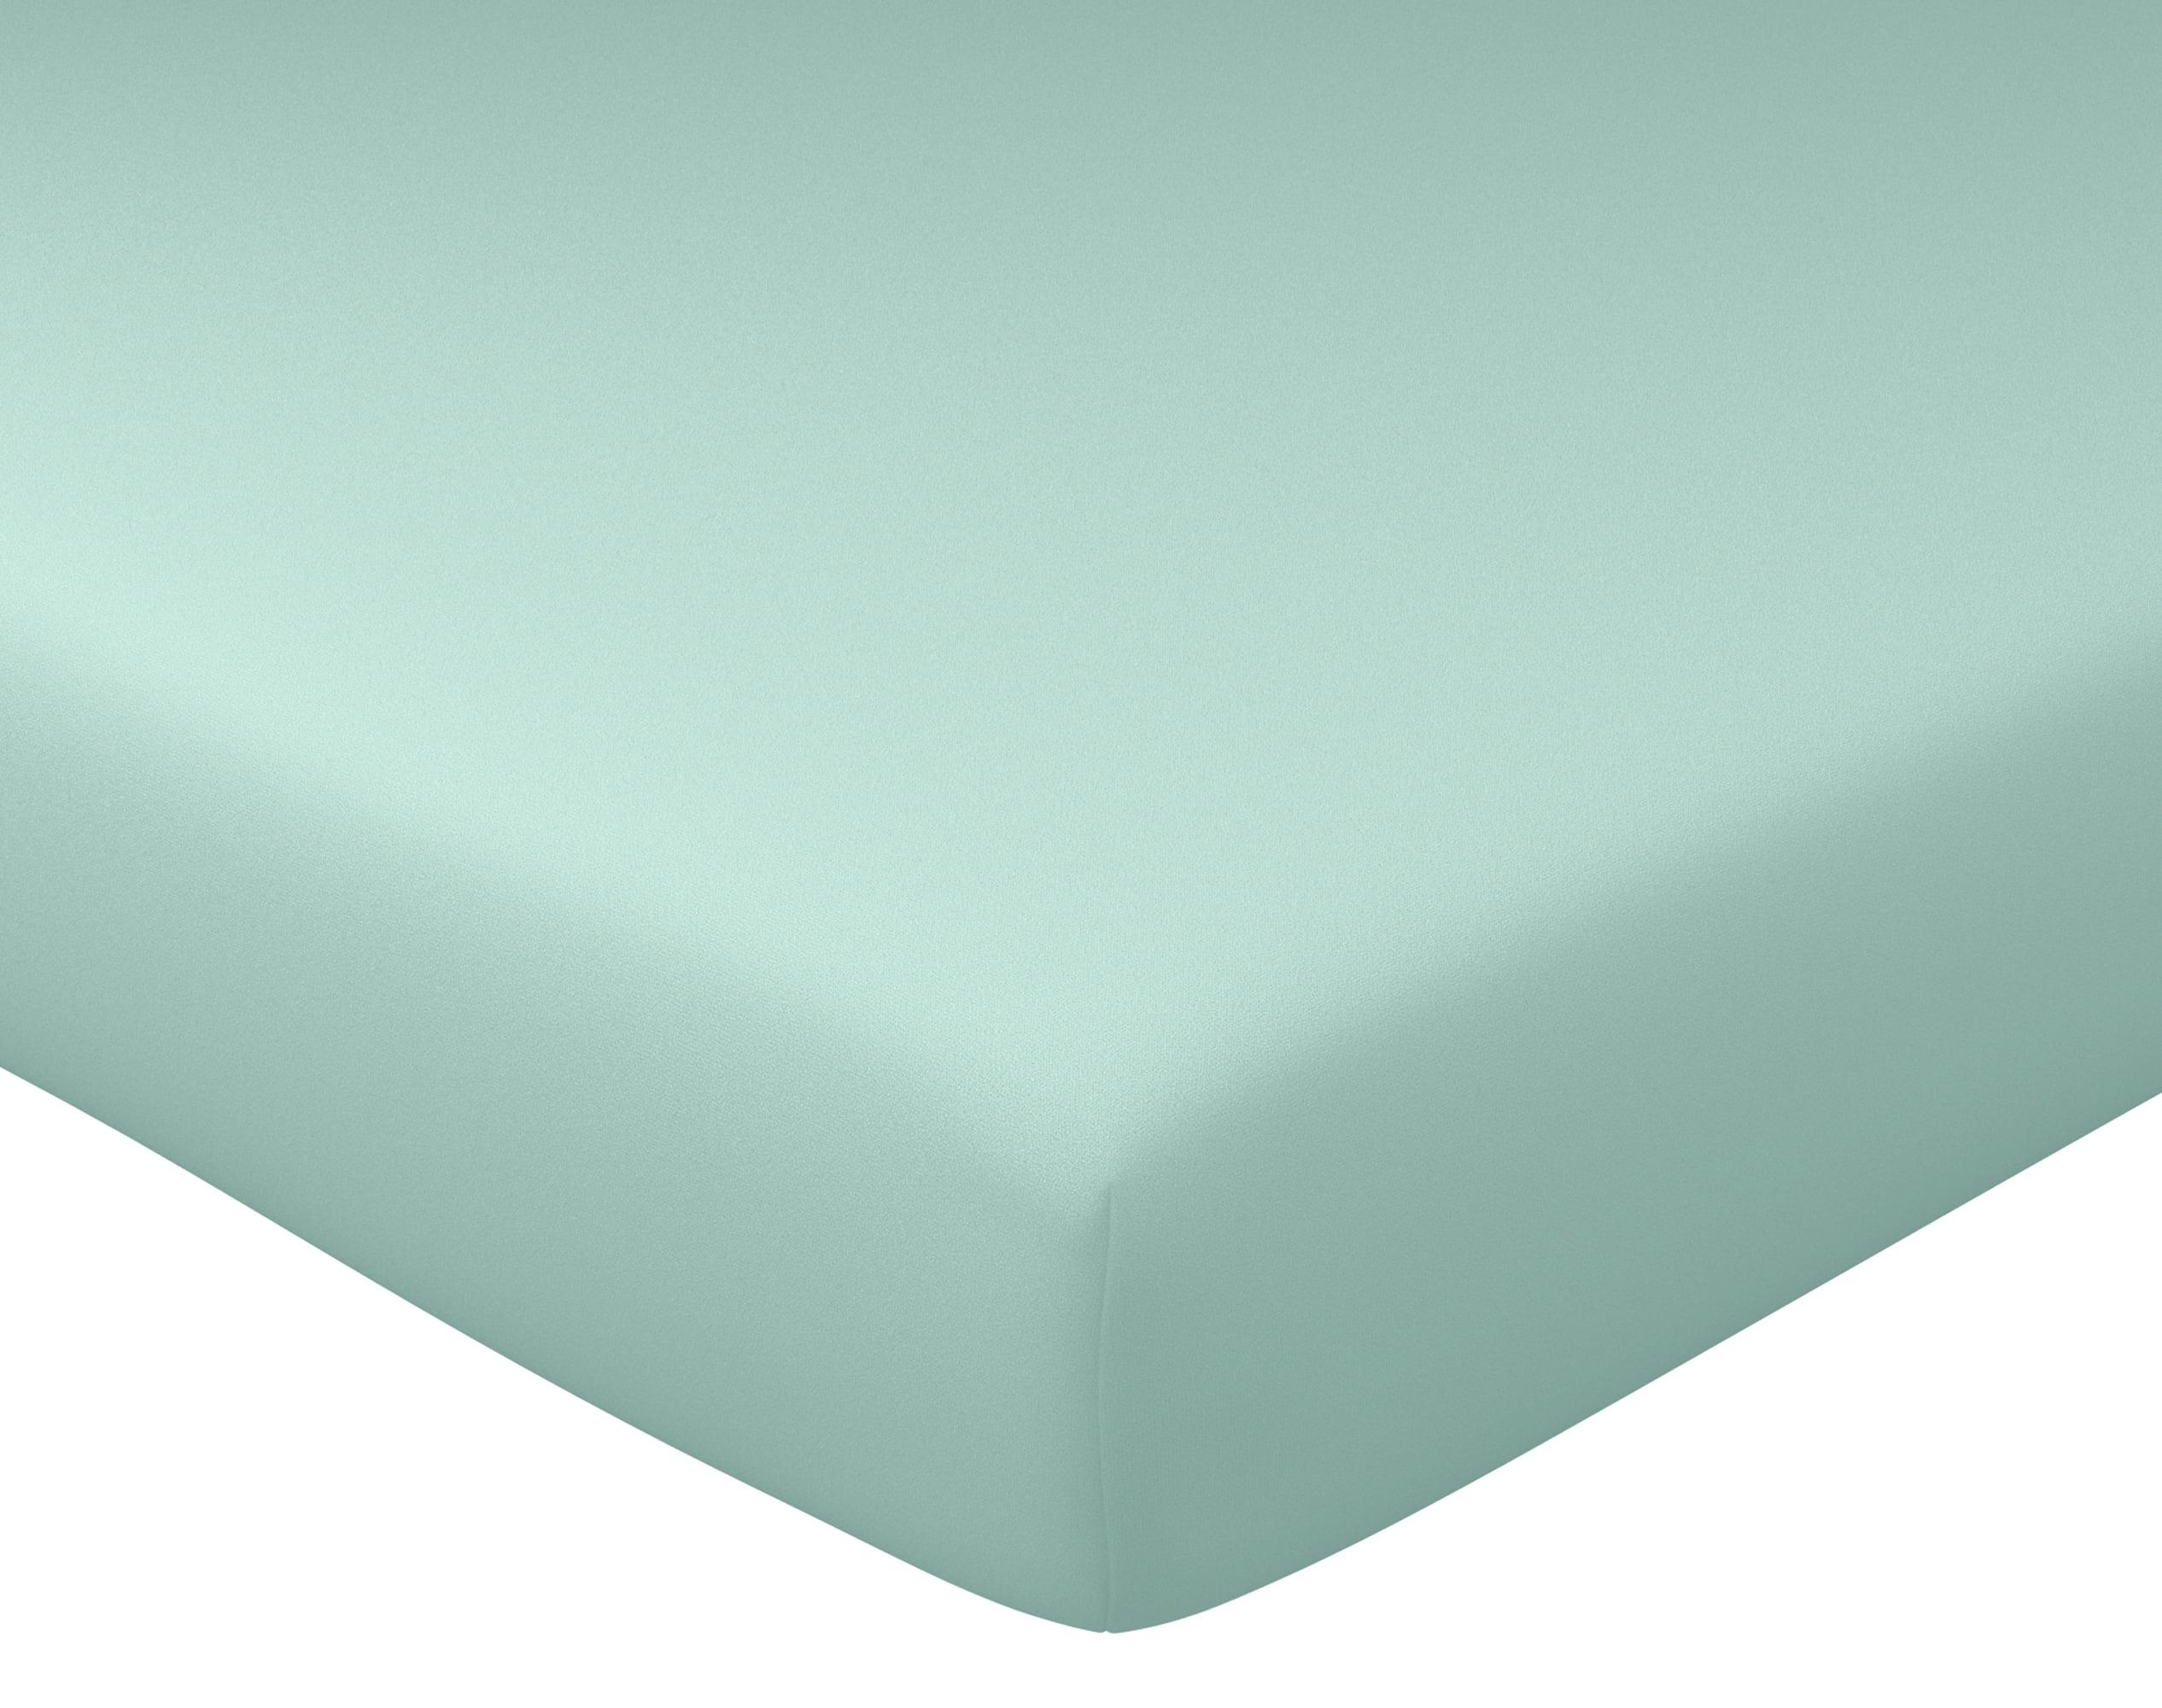 Drap-housse 180x200 en percale de coton  vert céladon